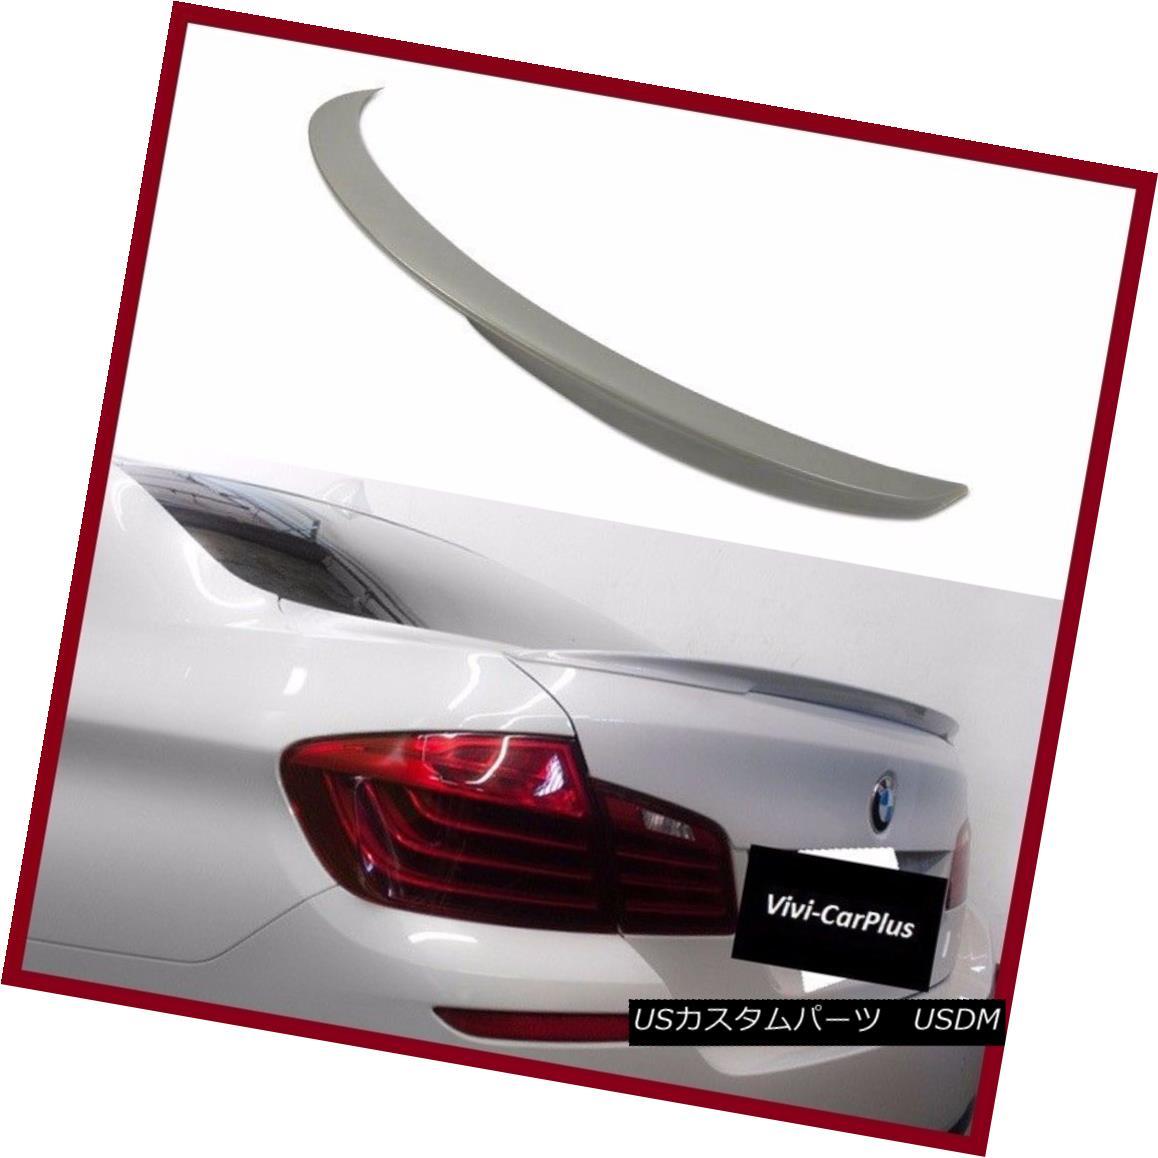 エアロパーツ UNPAINTED 12-16 BMW F30 3-Series 328i 325i 320i 4Dr P Type Trunk Boot Spoiler UNPAINTED 12-16 BMW F30 3シリーズ328i 325i 320i 4Dr Pタイプトランク・ブート・スポイラー